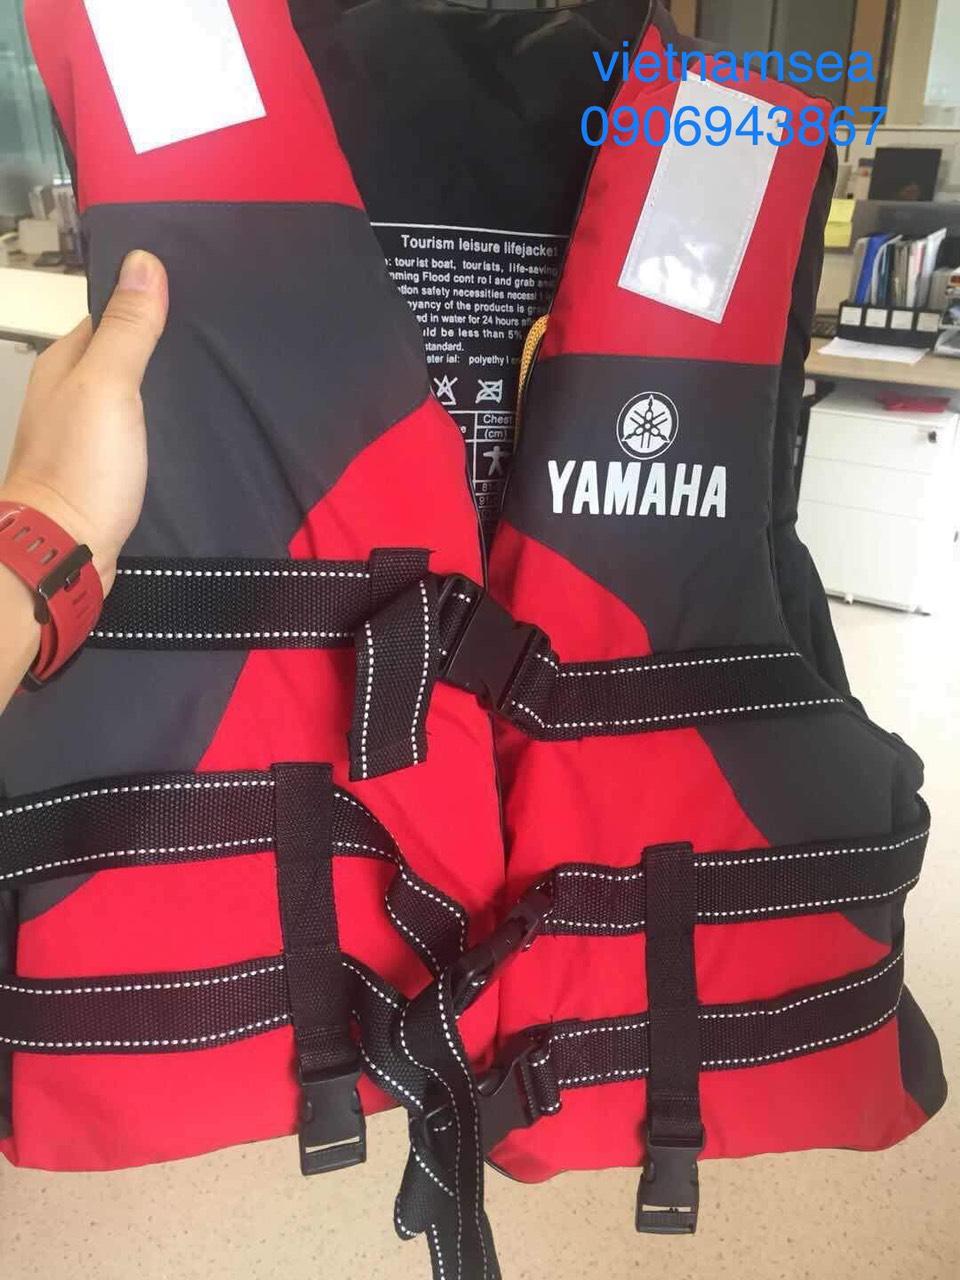 Cung cấp dịch vụ Áo phao bơi Yamaha ở Tỉnh Quảng Bình